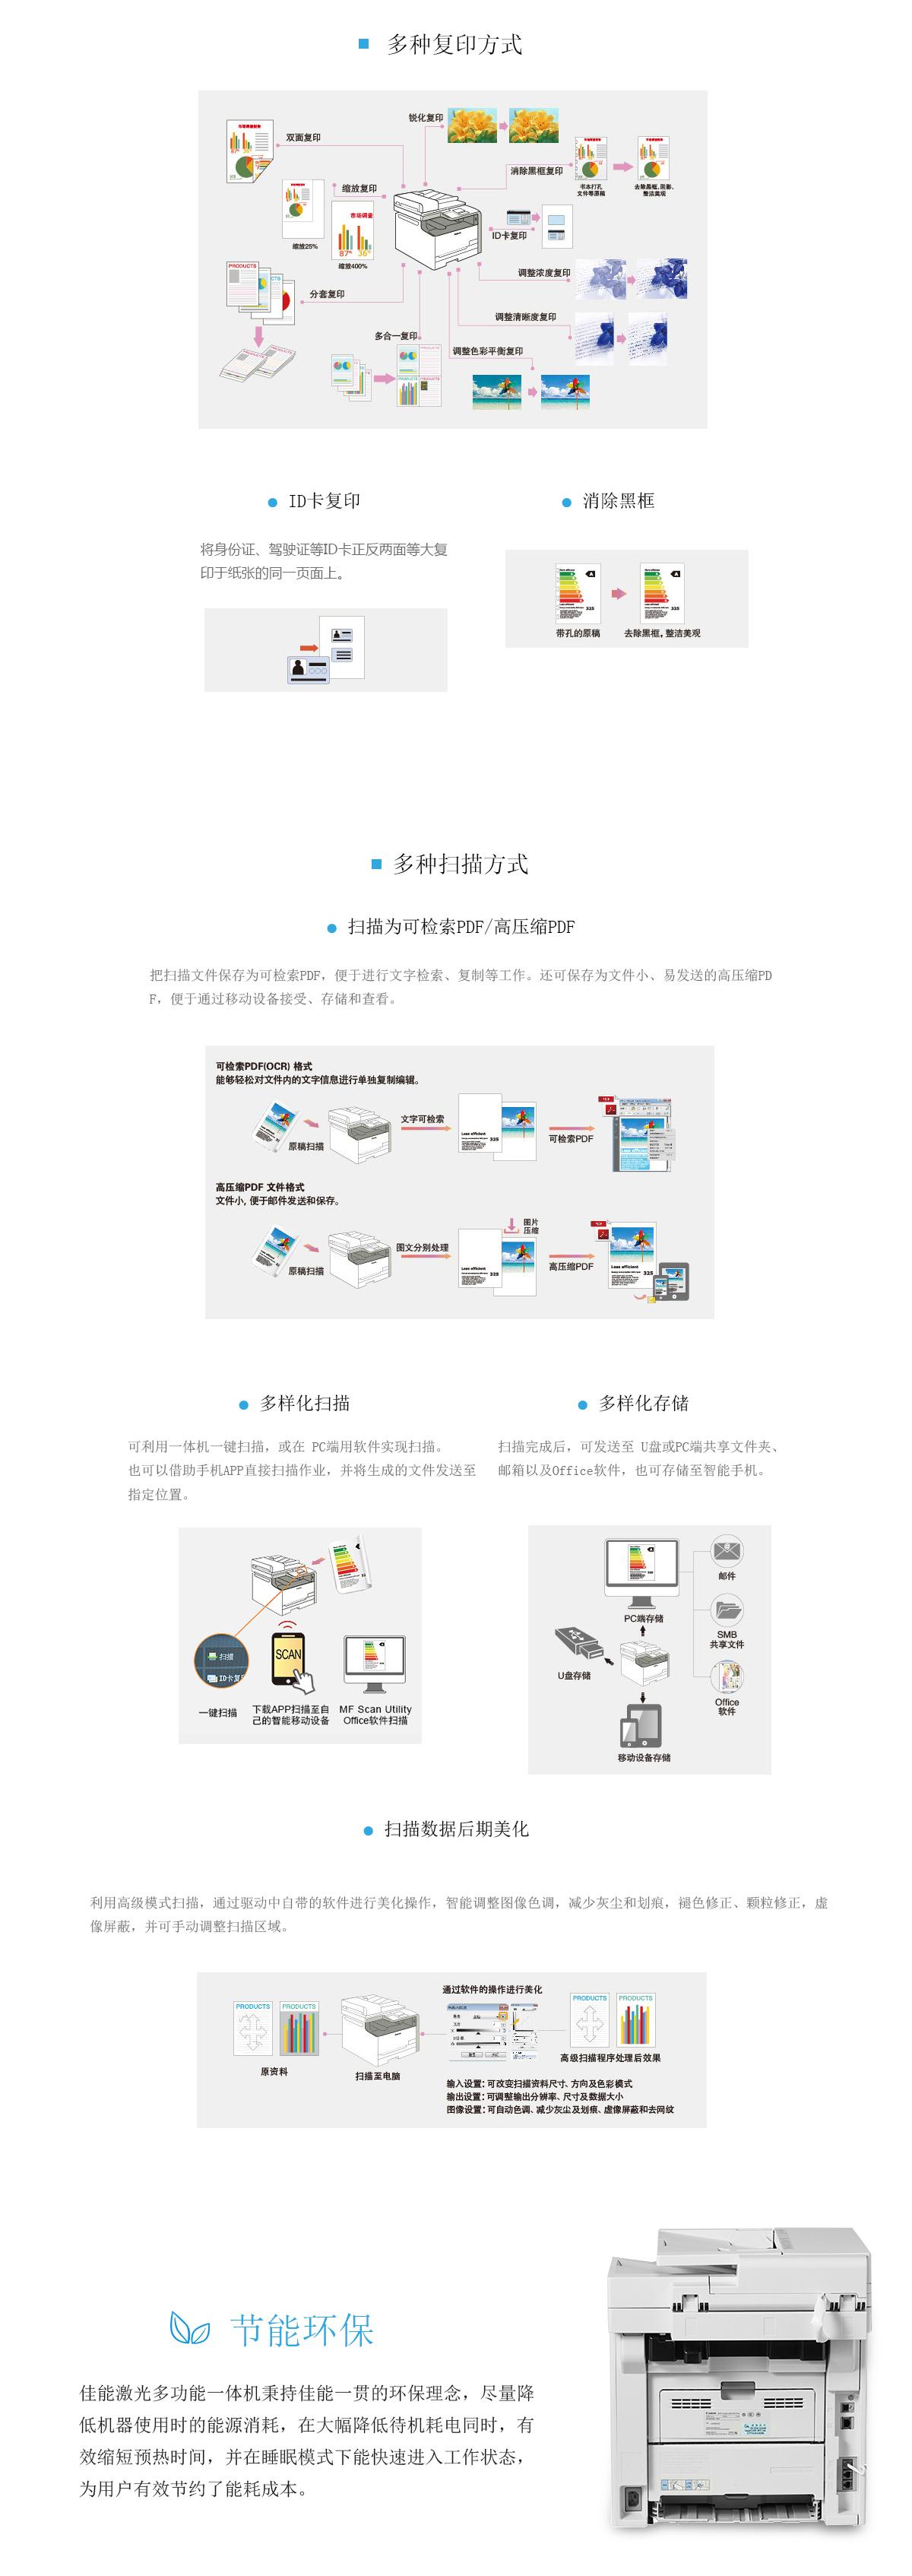 (准新机)MF6180dn 佳能黑白 A4 一体机(打印/复印/网络扫描)(图2)